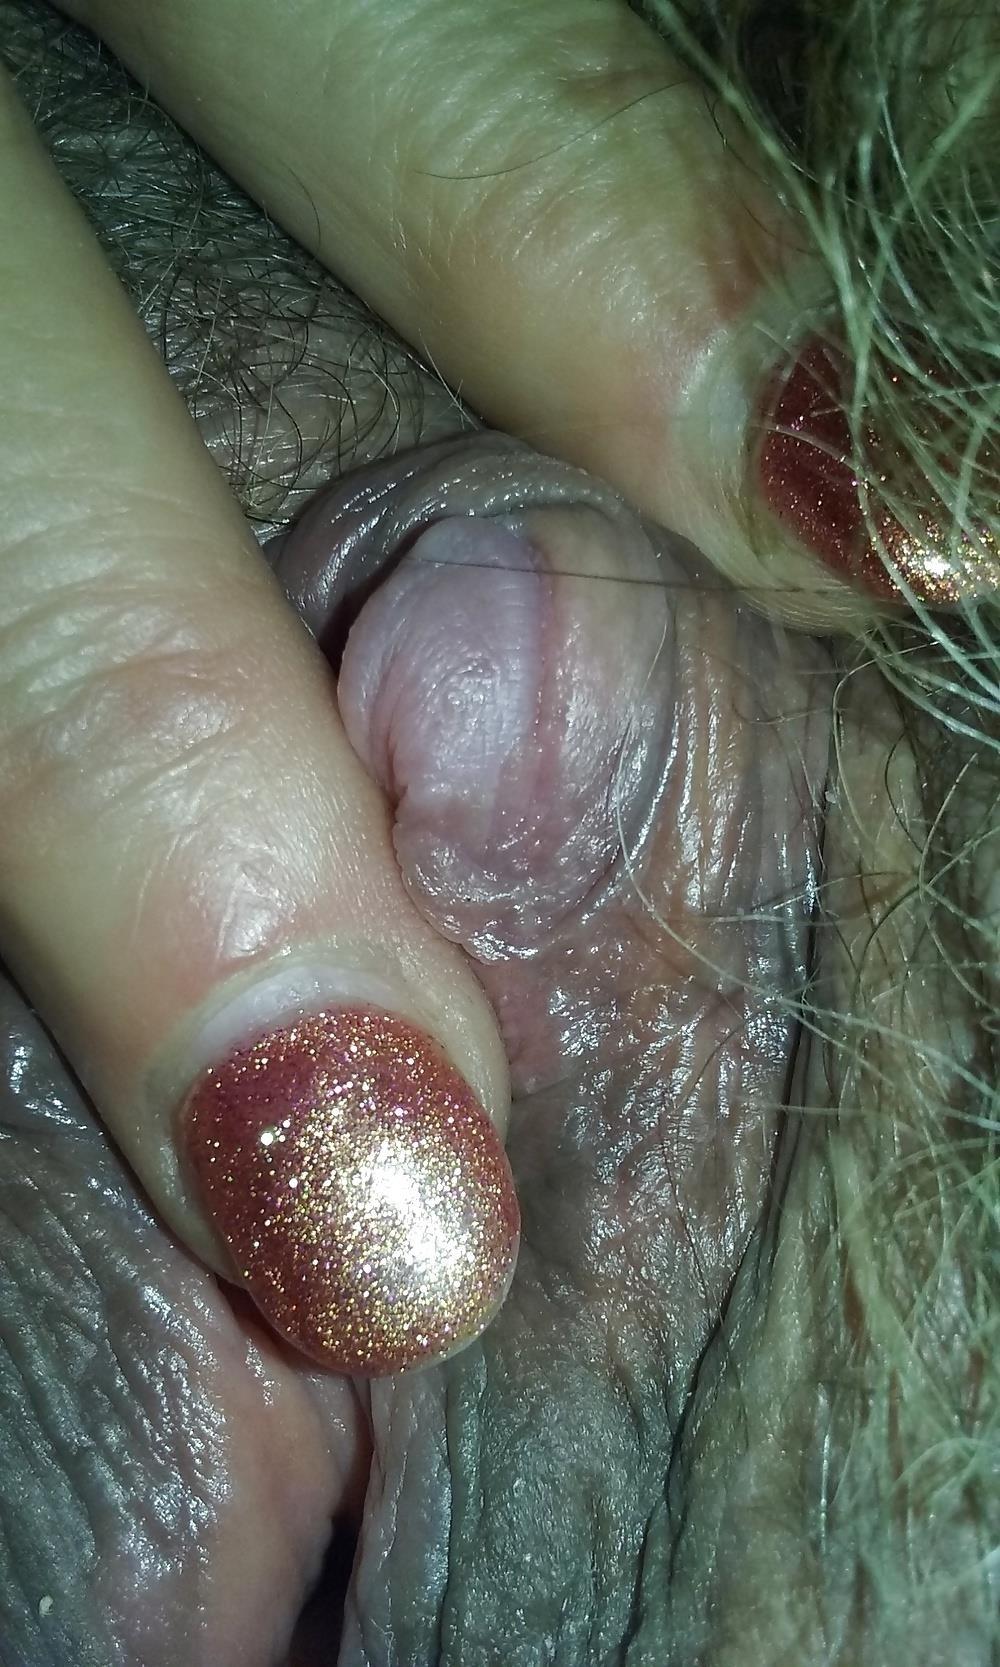 Juicy clit porn-6669